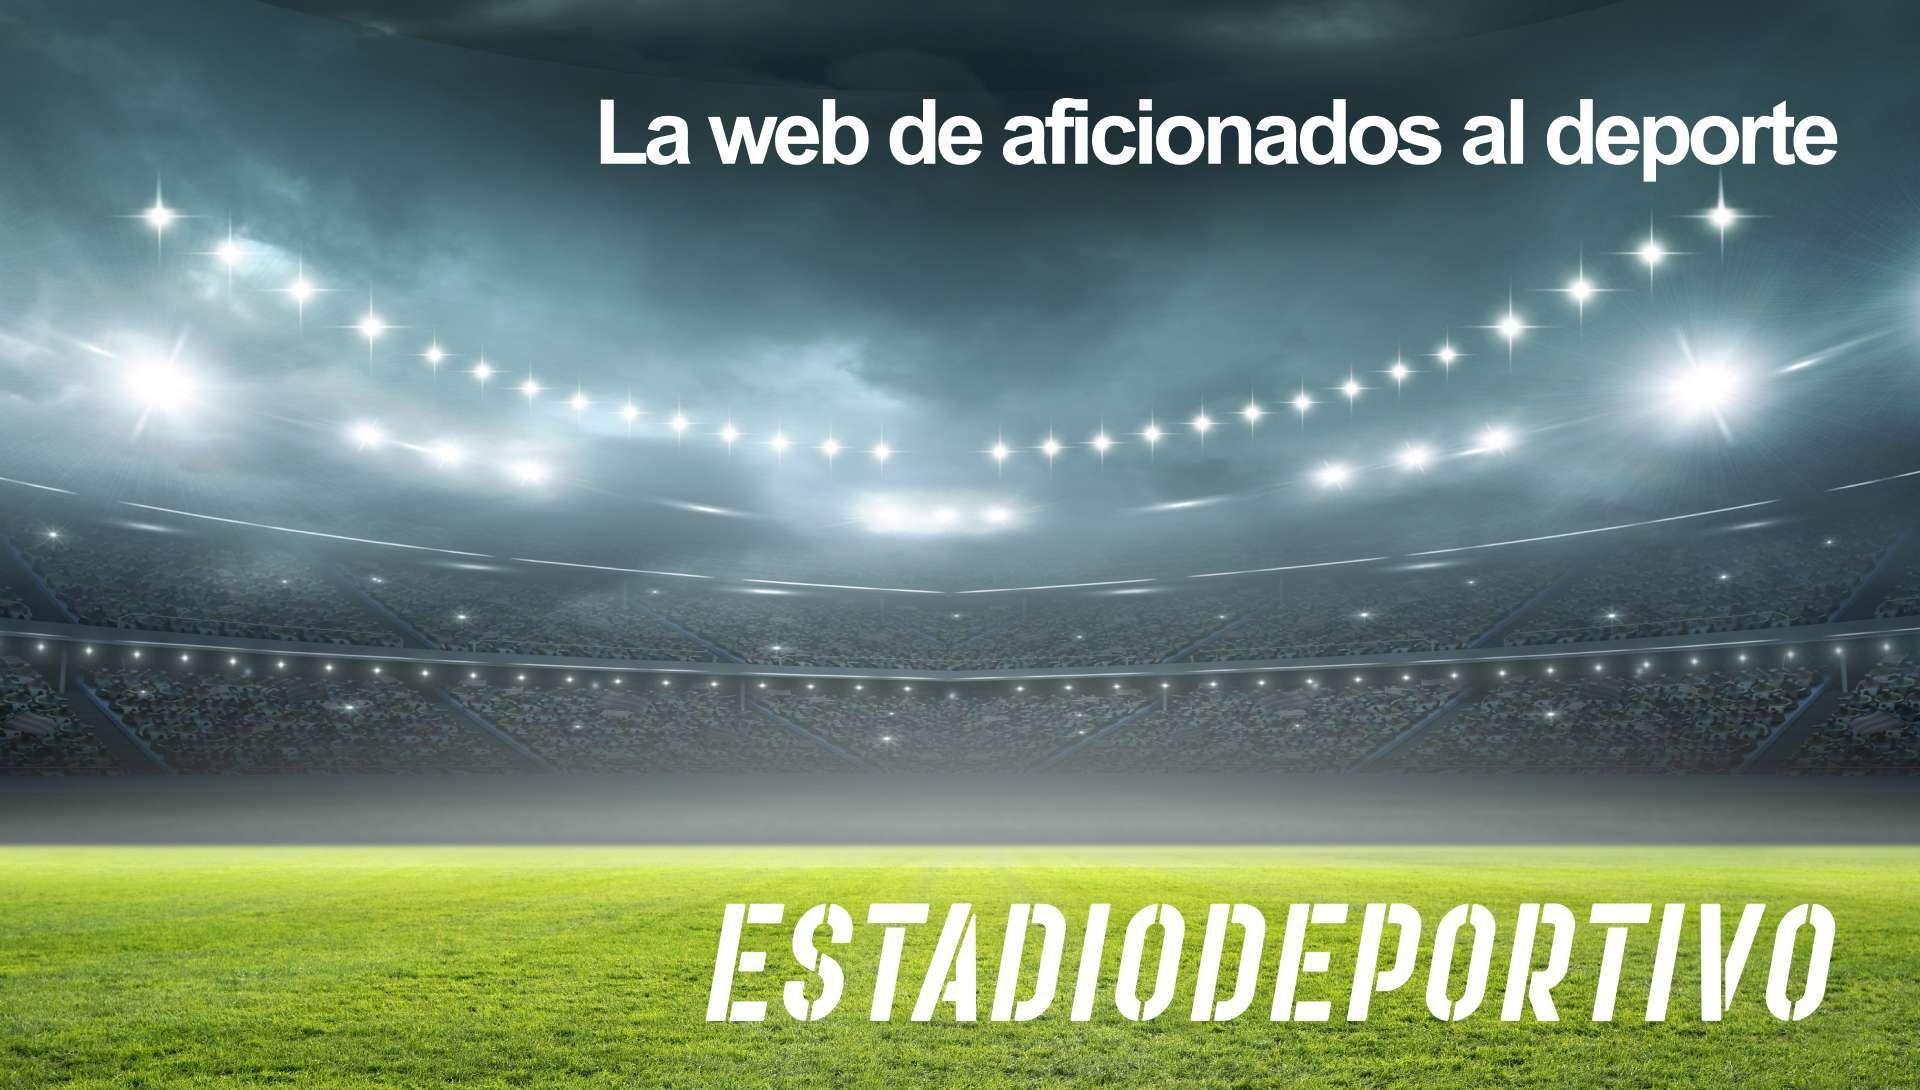 Las portadas del jueves 31 de agosto